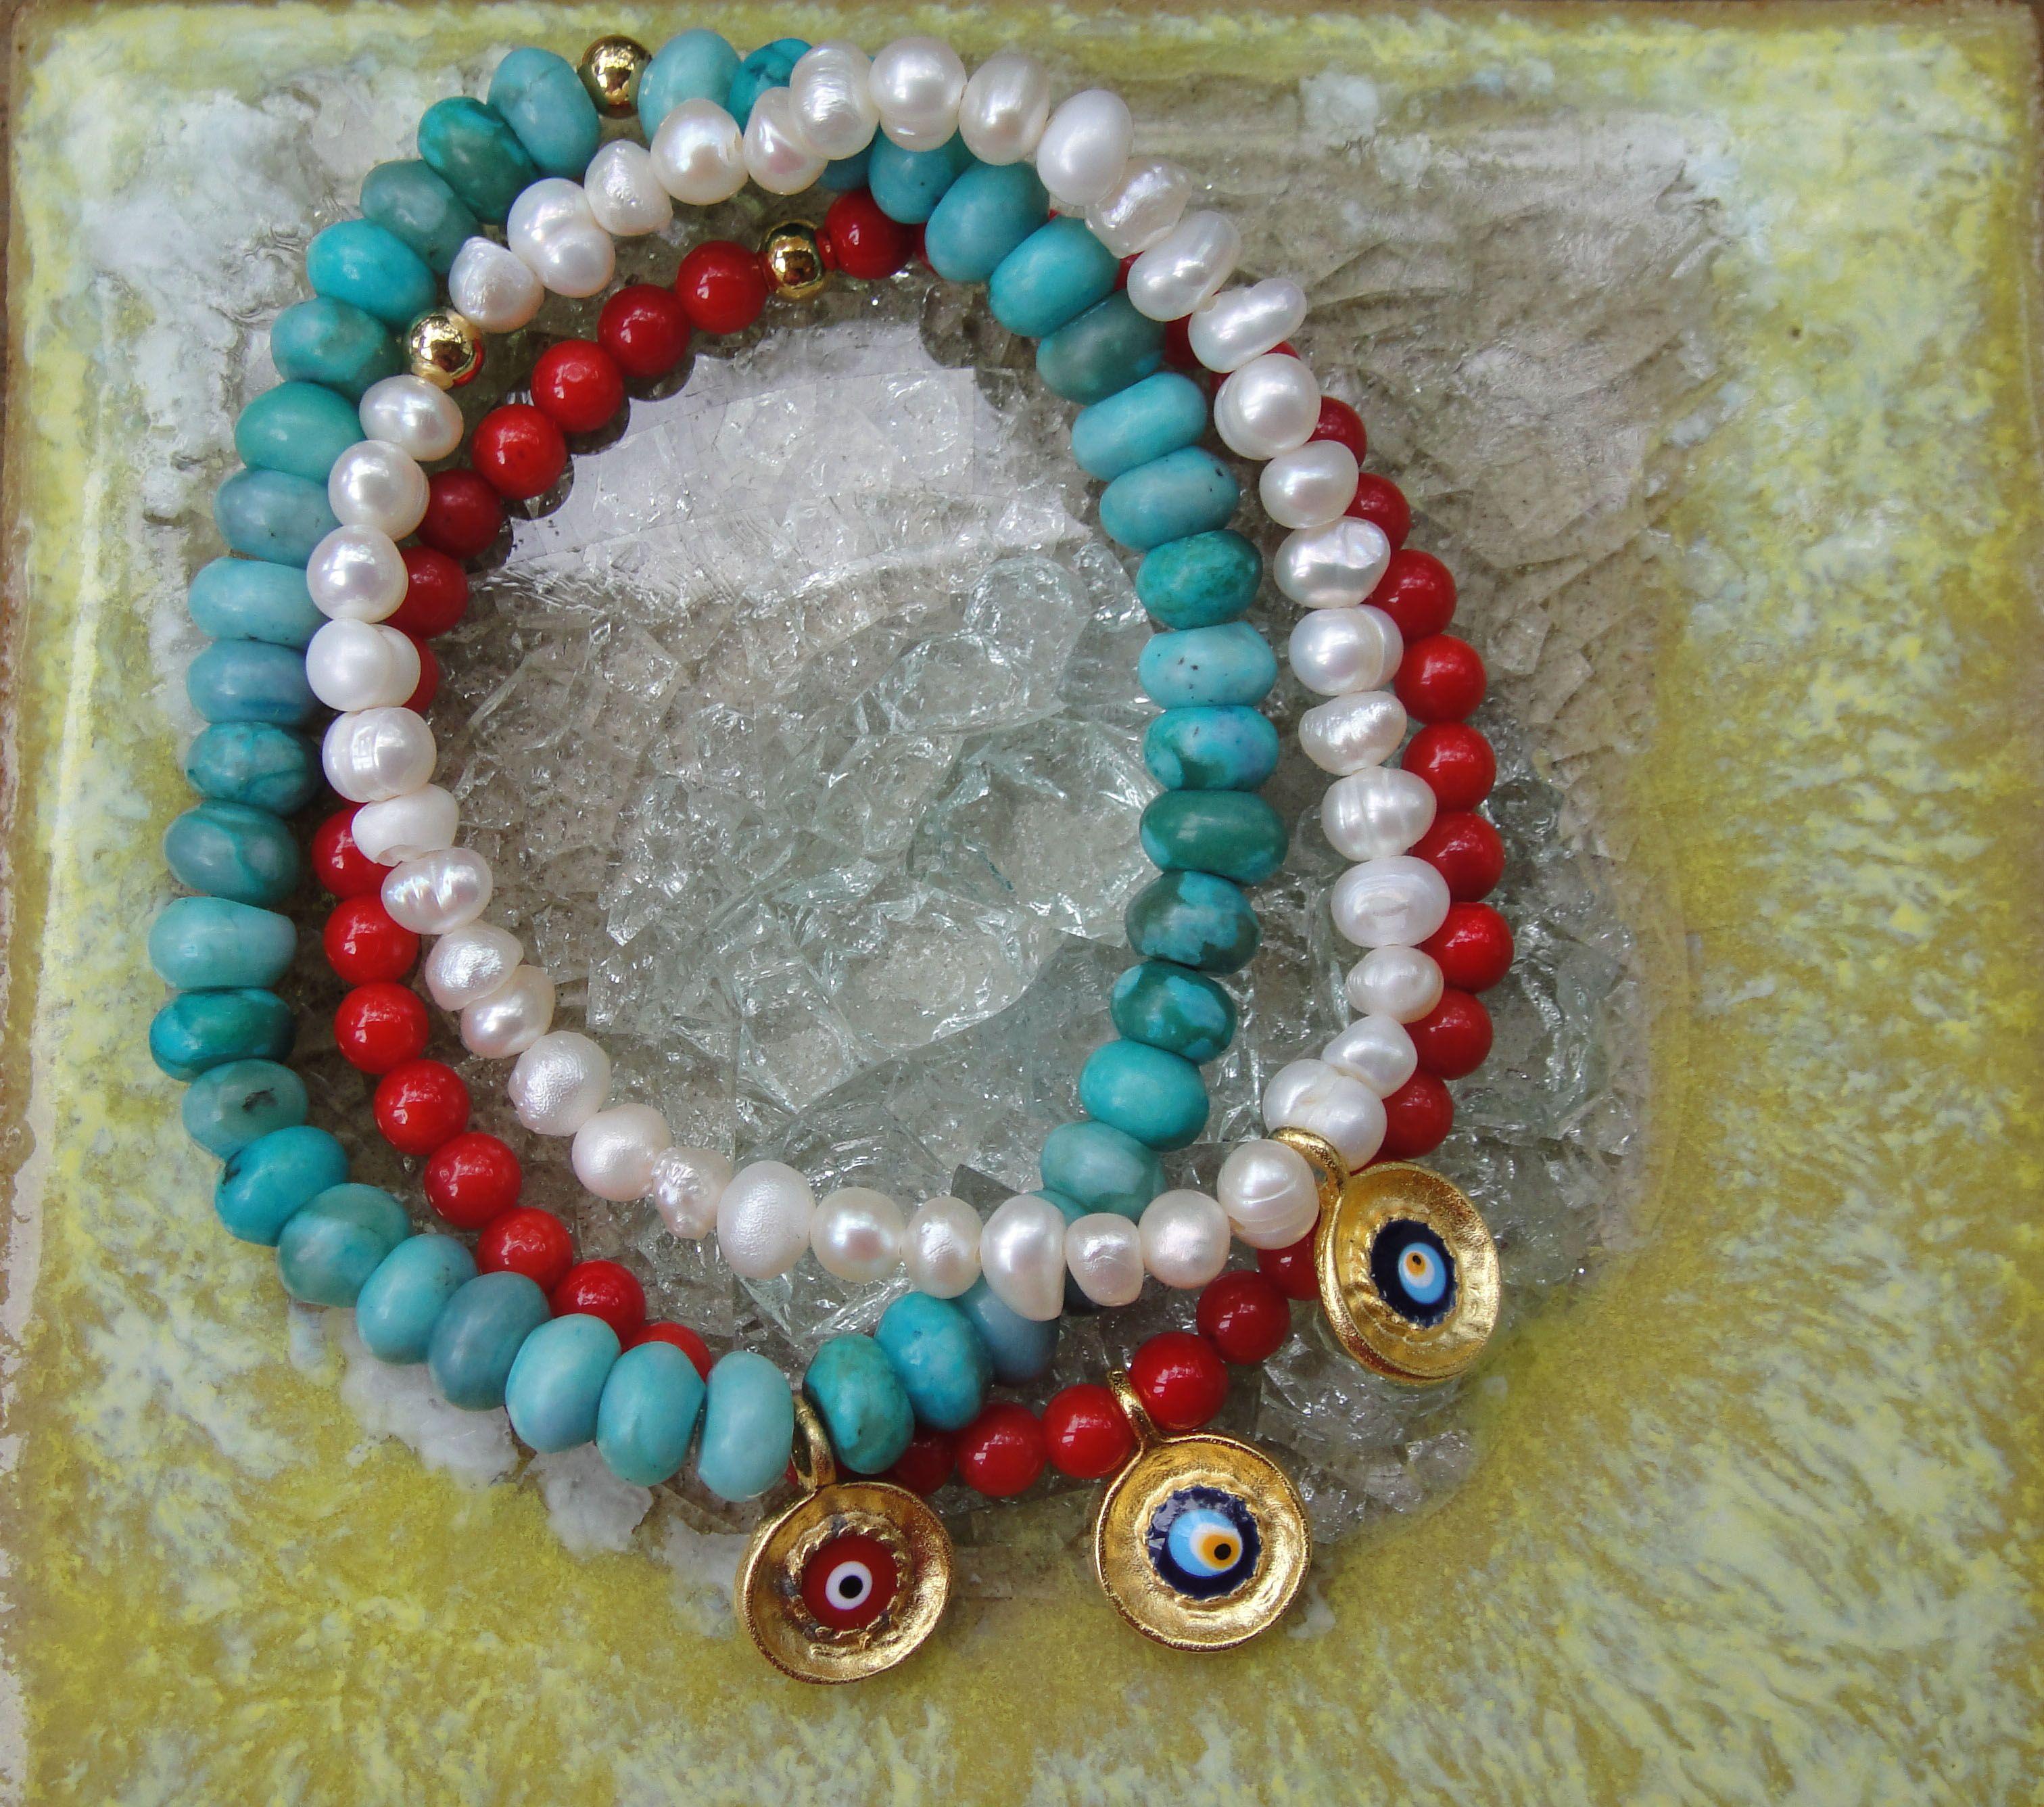 Evil Eye Bracelets  www.etsy.com/shop/ten10jewelry